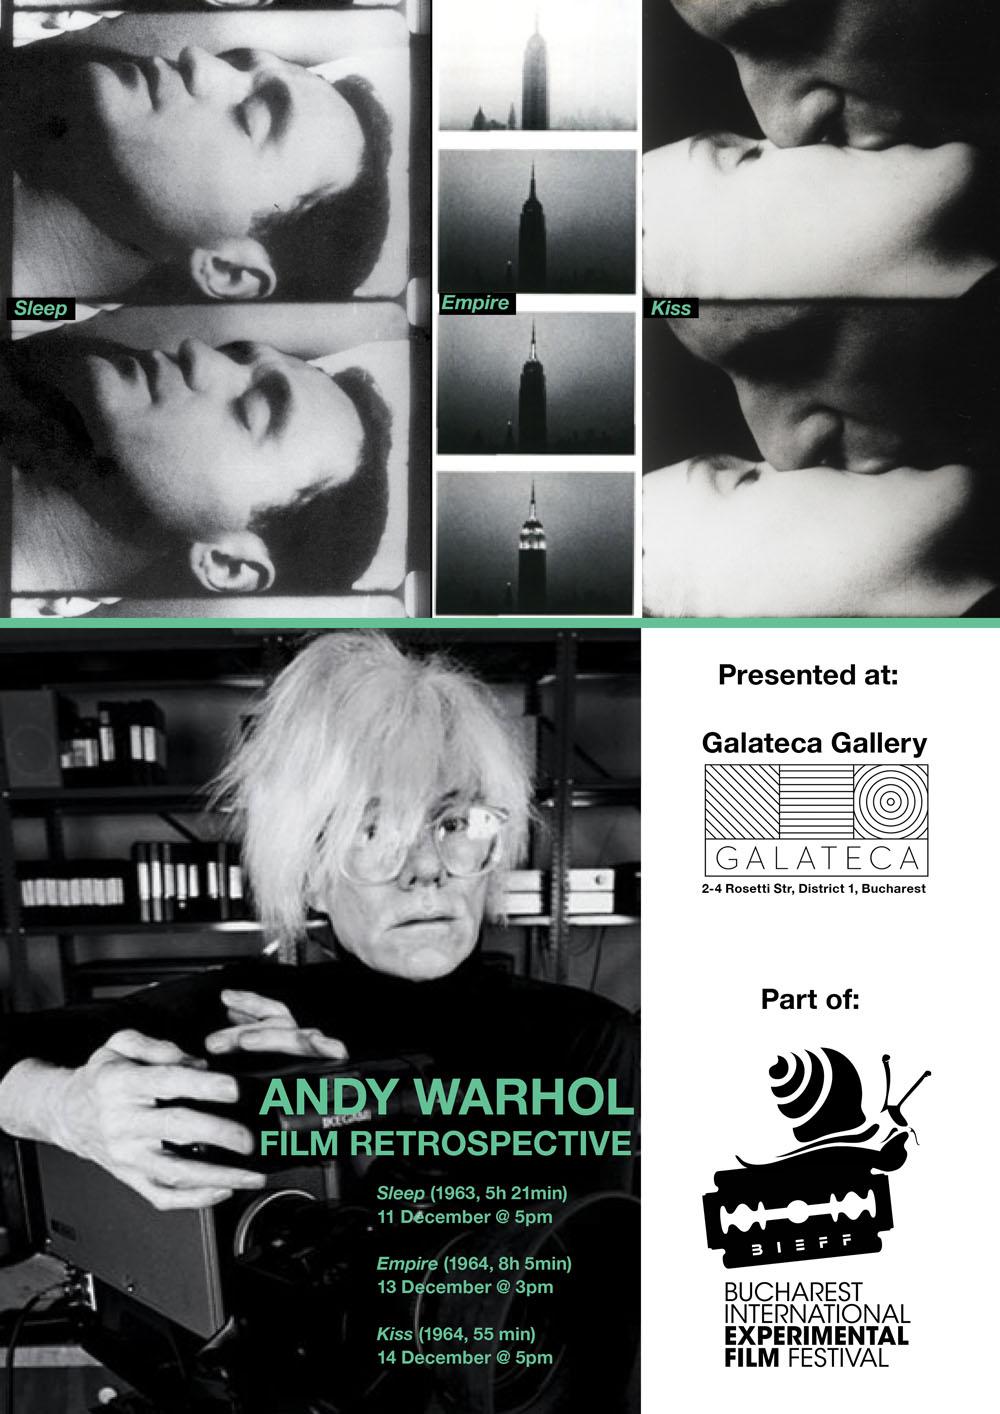 Retrospectivă Andy Warhol @ Galateca, București